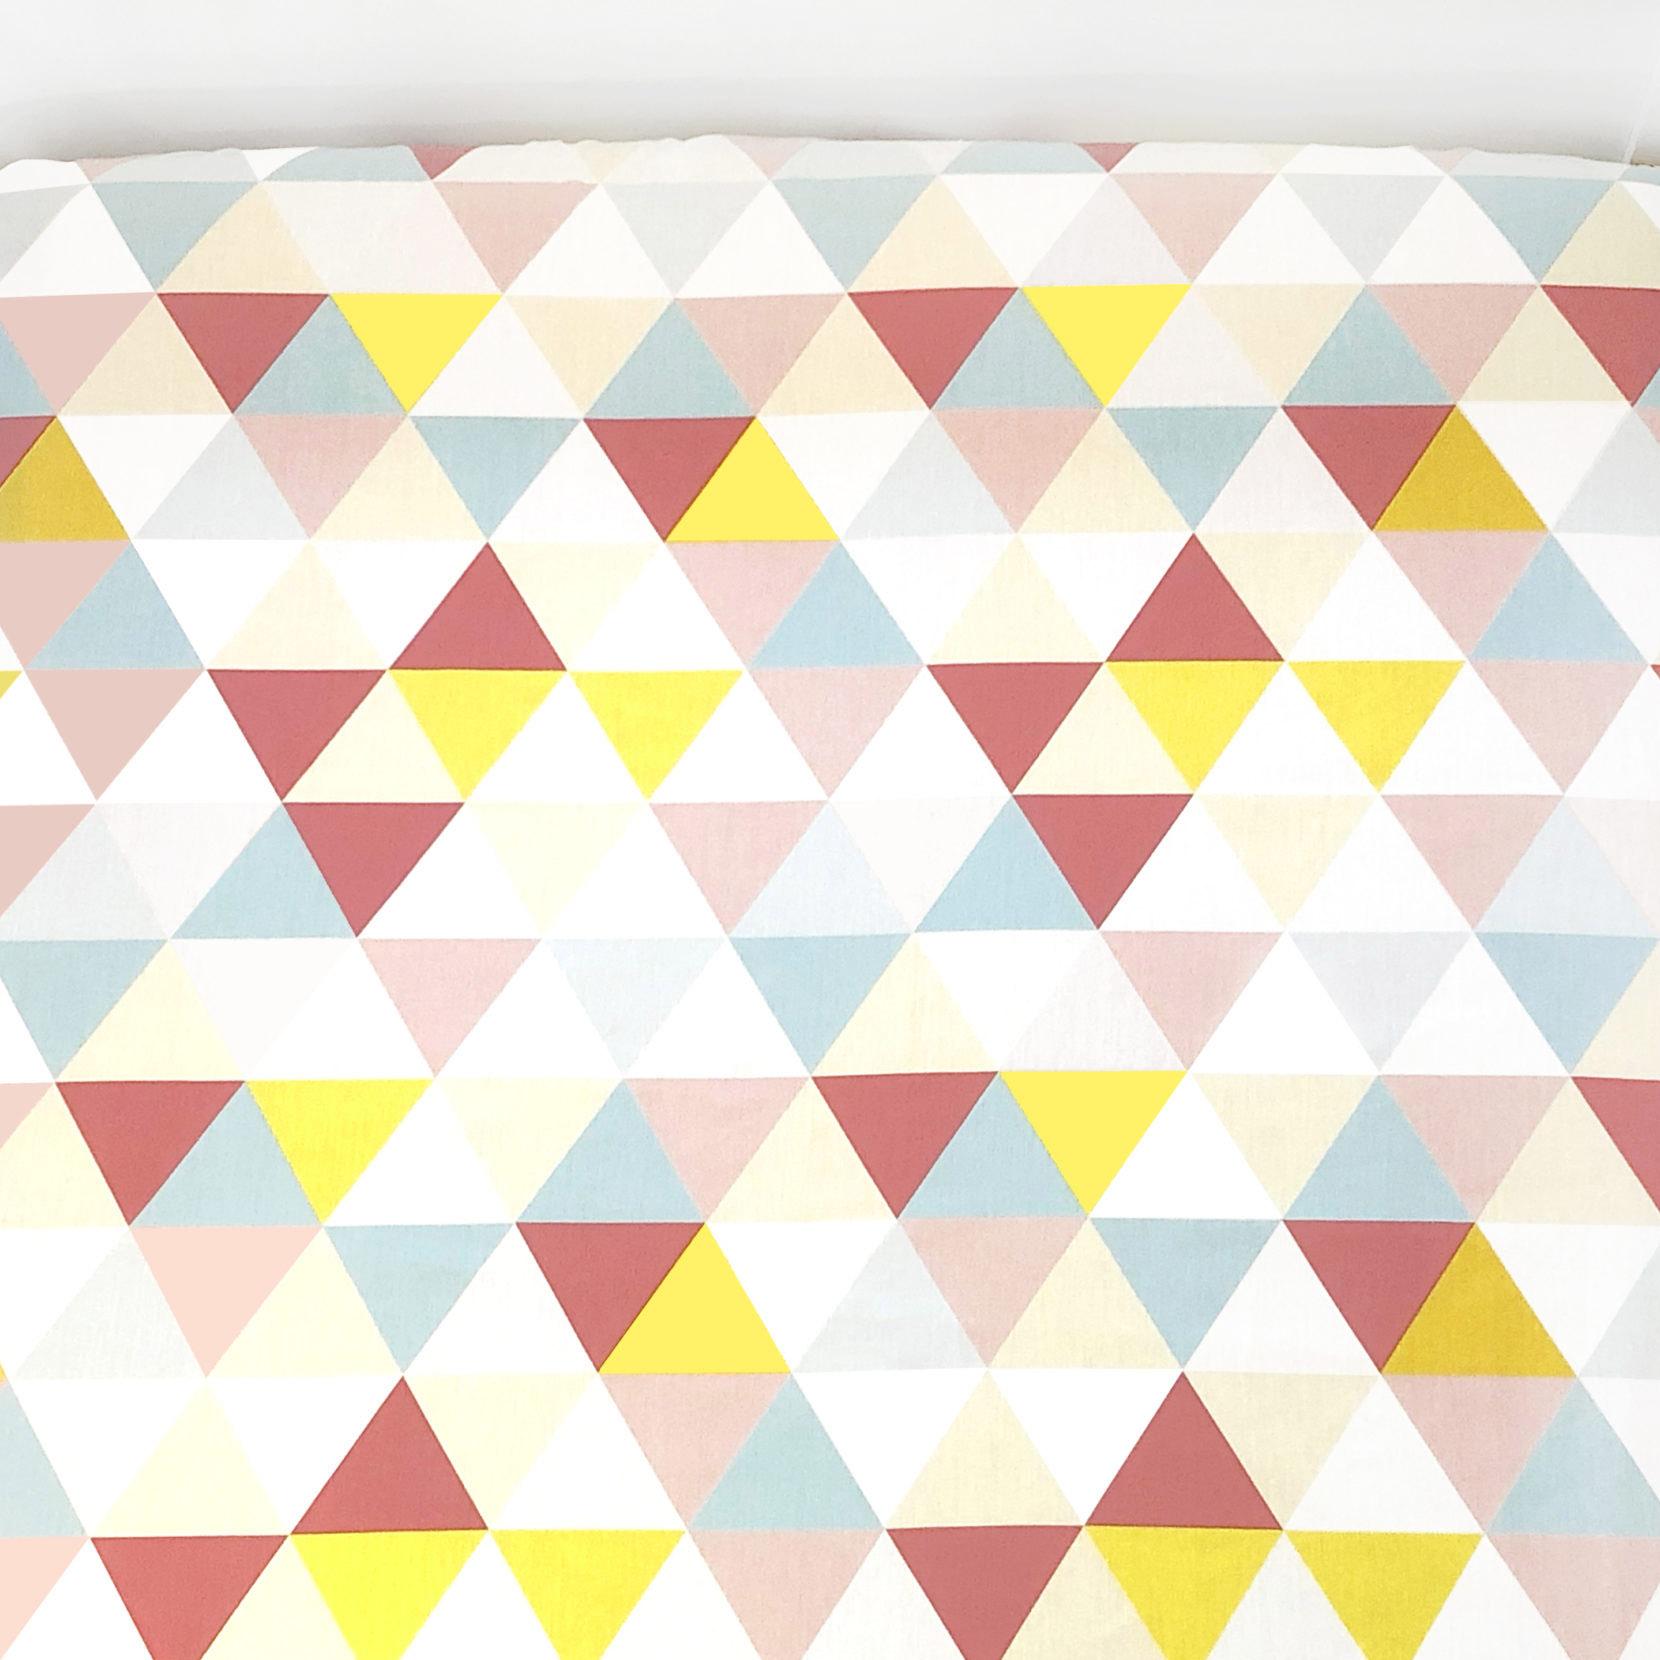 Lençol De Elástico Triângulos Rosa, Amarelo E Azul